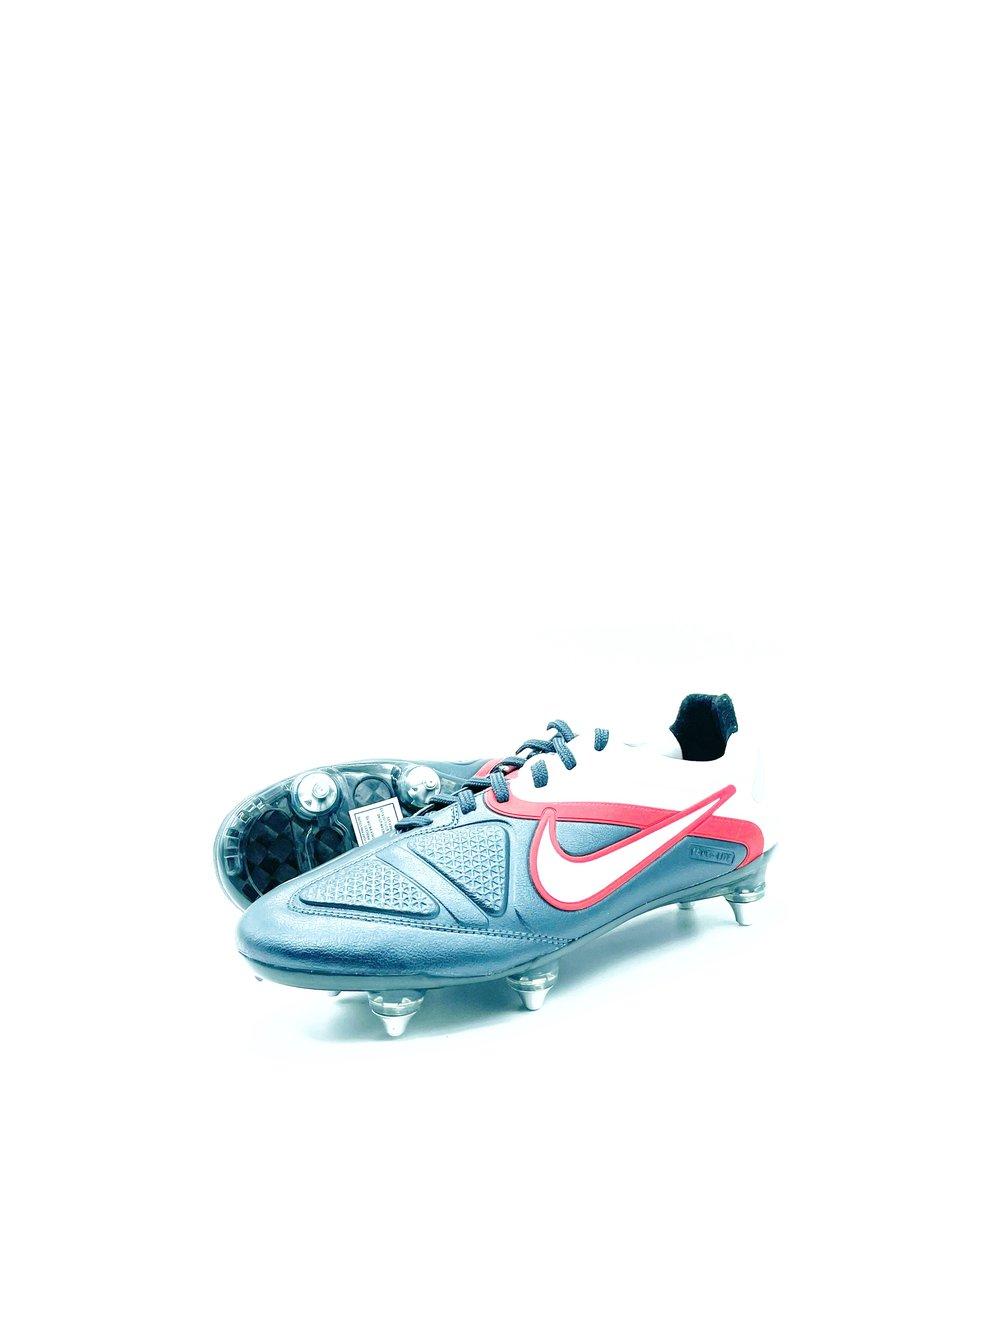 Image of Nike Ctr360 ELITE SG grey